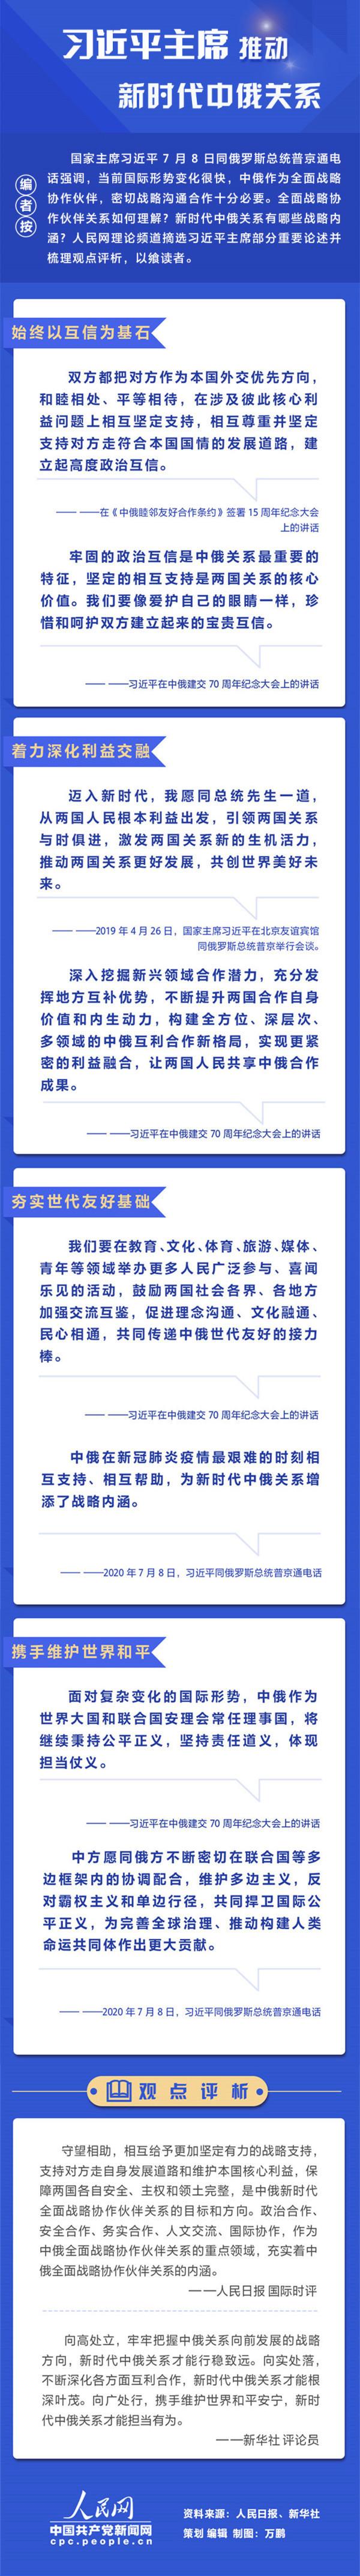 邓州市卫生健康委全力做好高考期间医疗卫生保障工作